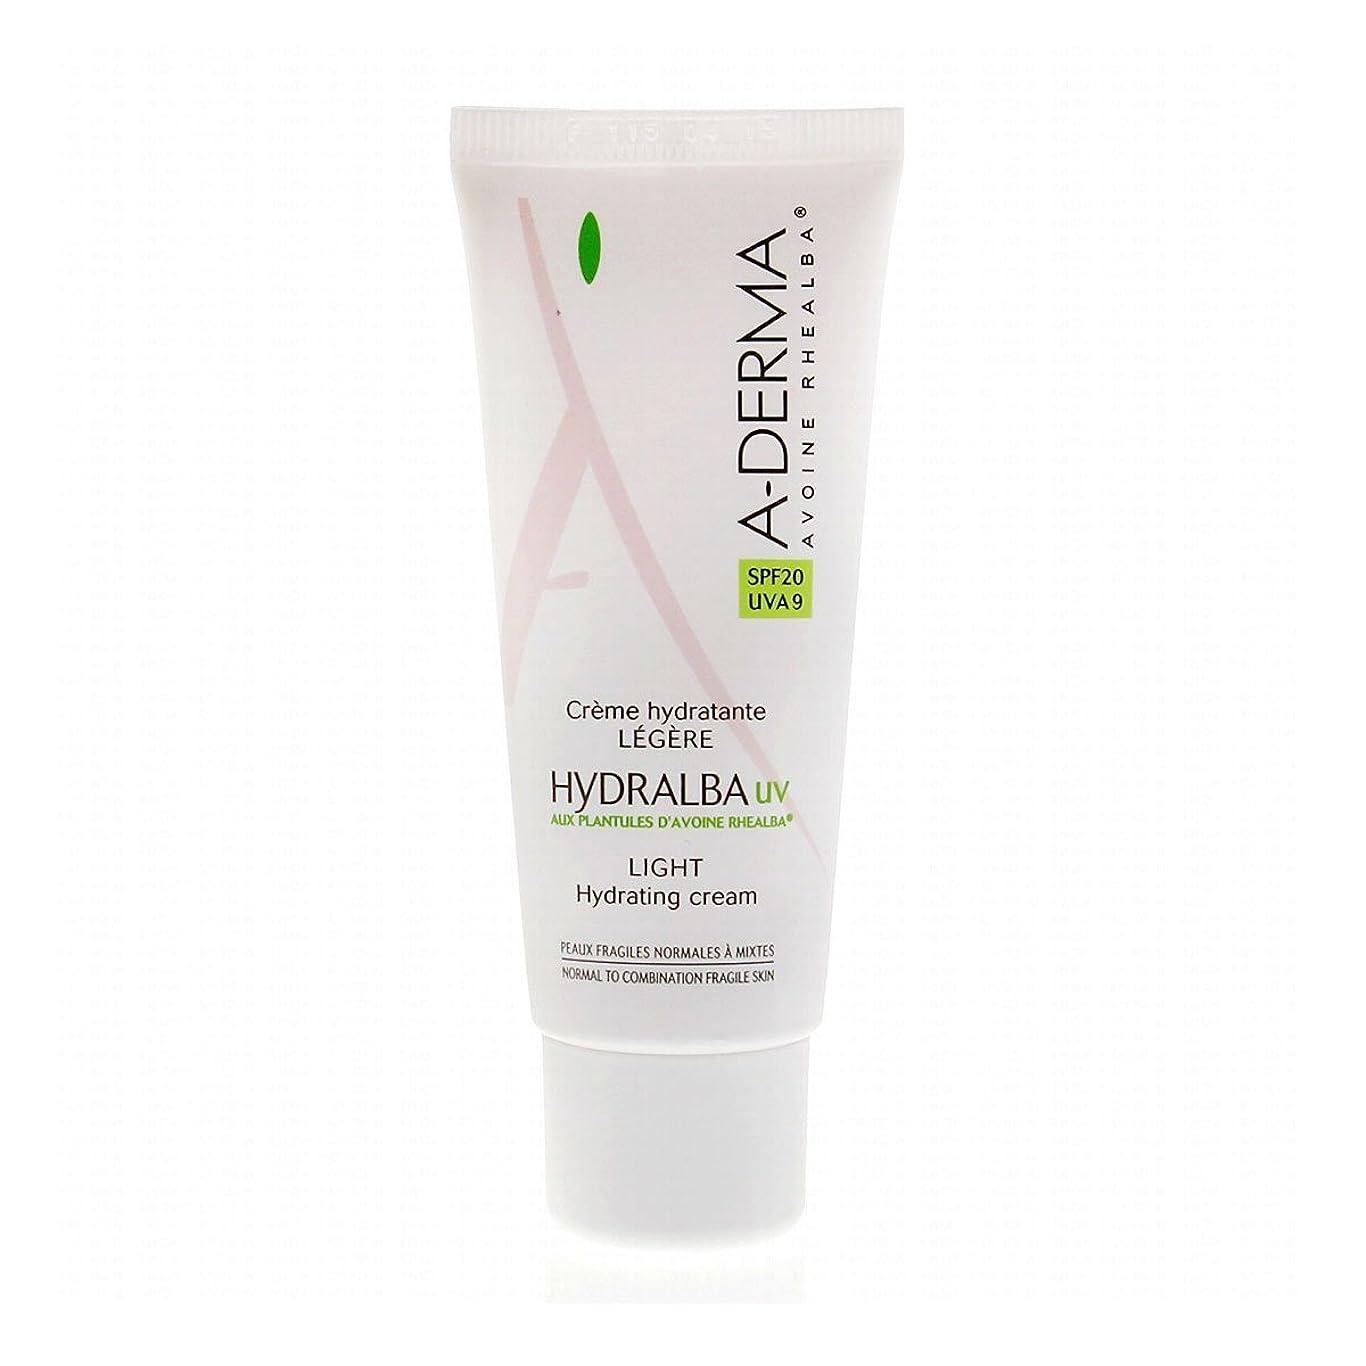 せせらぎ深くダンスA-derma Hydralba Uv Light Hydrating Cream 40ml [並行輸入品]